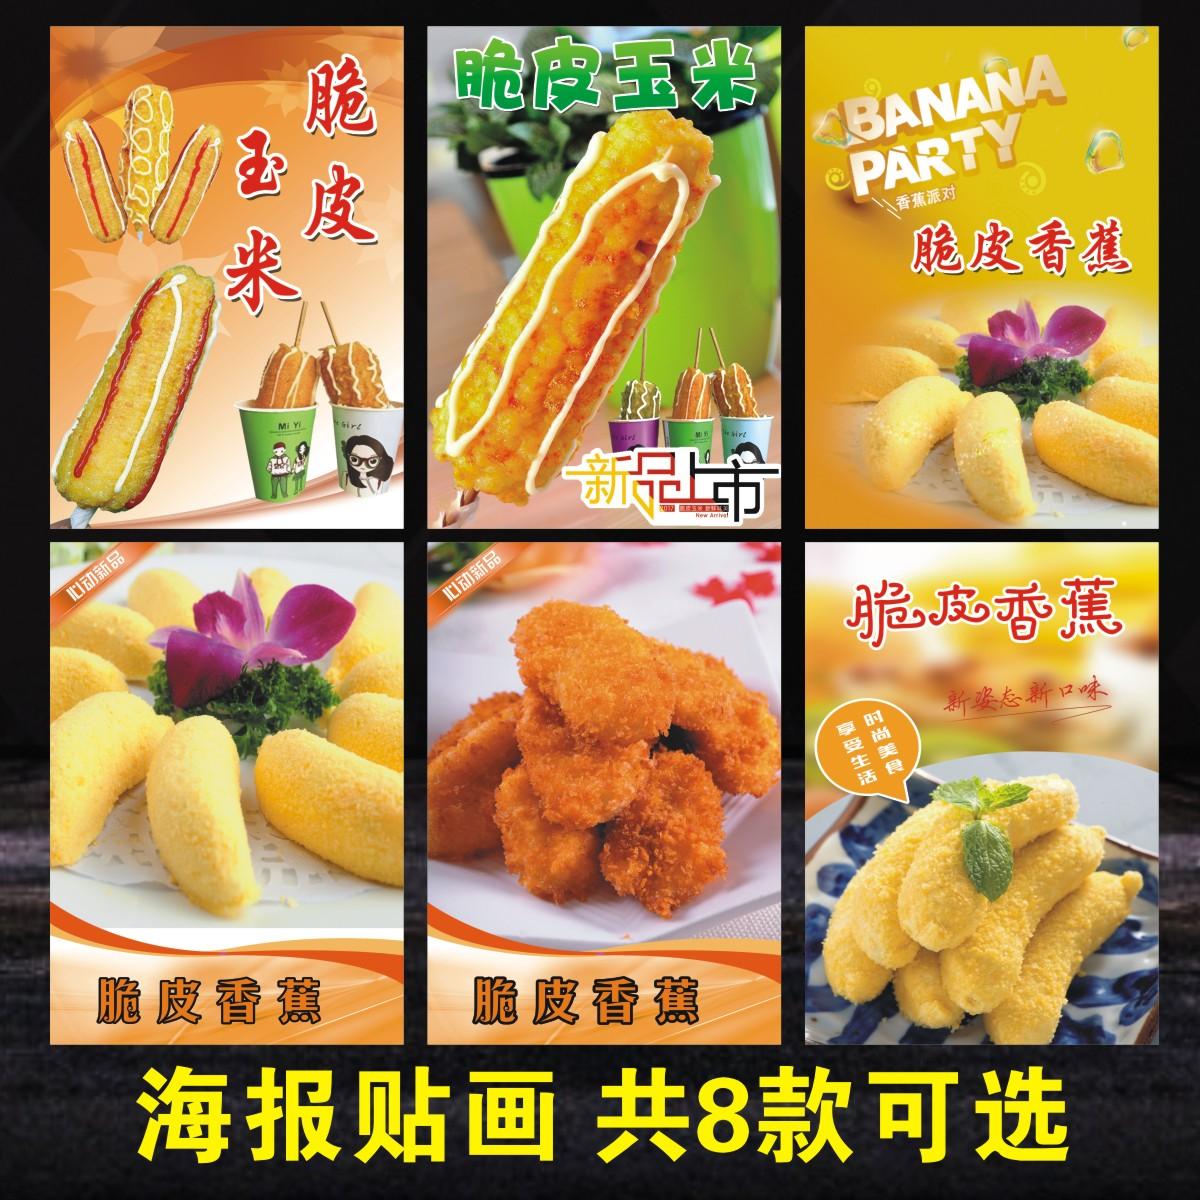 打印玉米广告贴画小吃店海报车香蕉贴纸小吃脆皮设计制作定制热卖建筑设计和园林景观v玉米图片